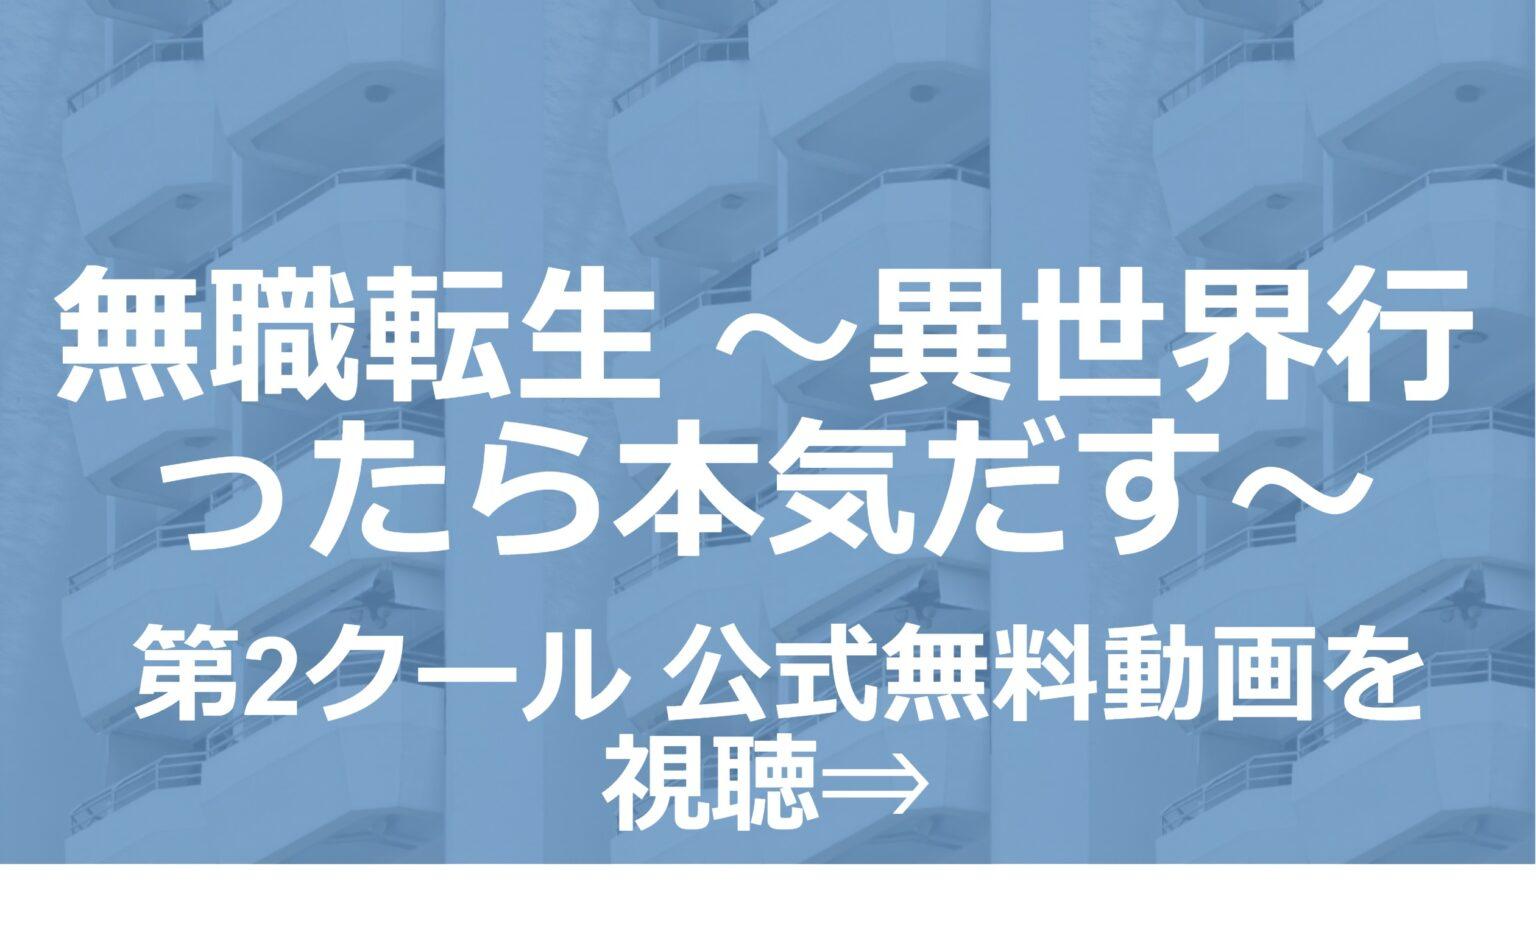 アニメ「無職転生 ~異世界行ったら本気だす~ 第2クール」無料フル動画を1話~全話視聴できる公式配信サービスまとめ!